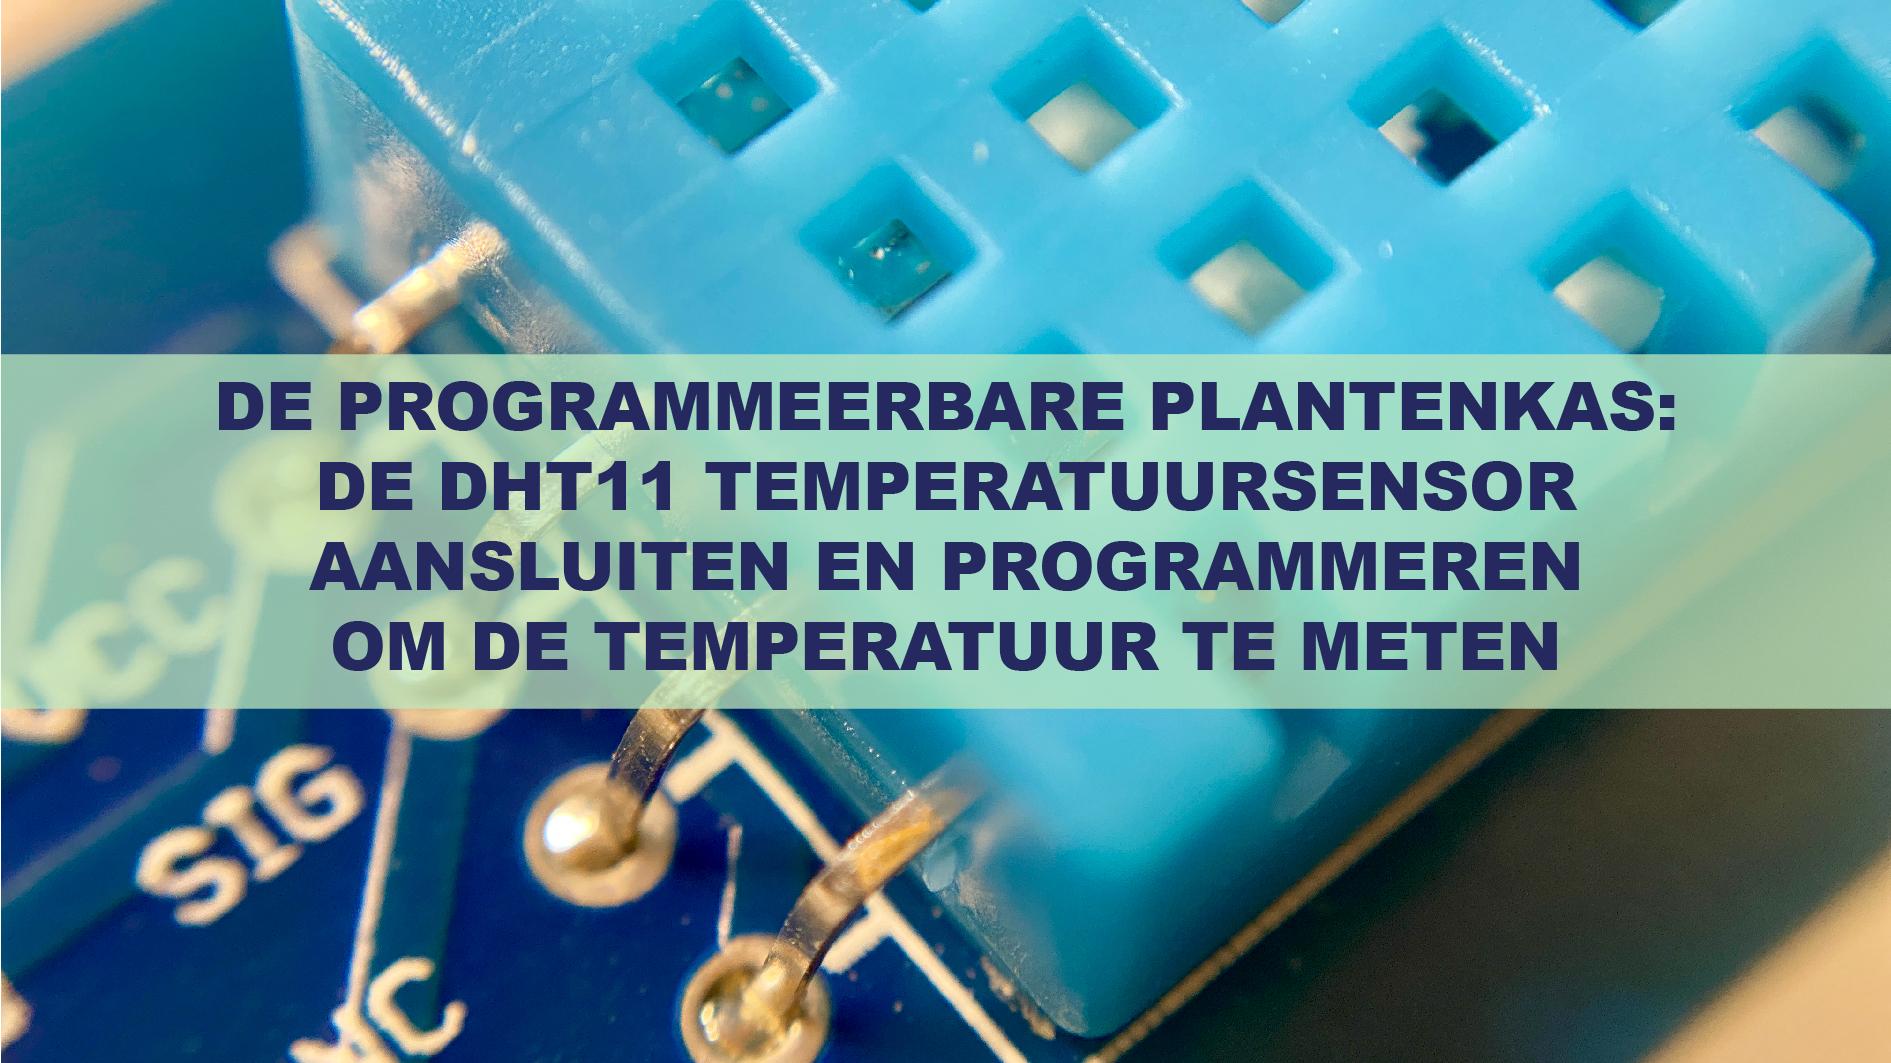 De Programmeerbare Plantenkas: De DHT11 Temperatuursensor Aansluiten En Programmeren Om De Temperatuur Te Meten